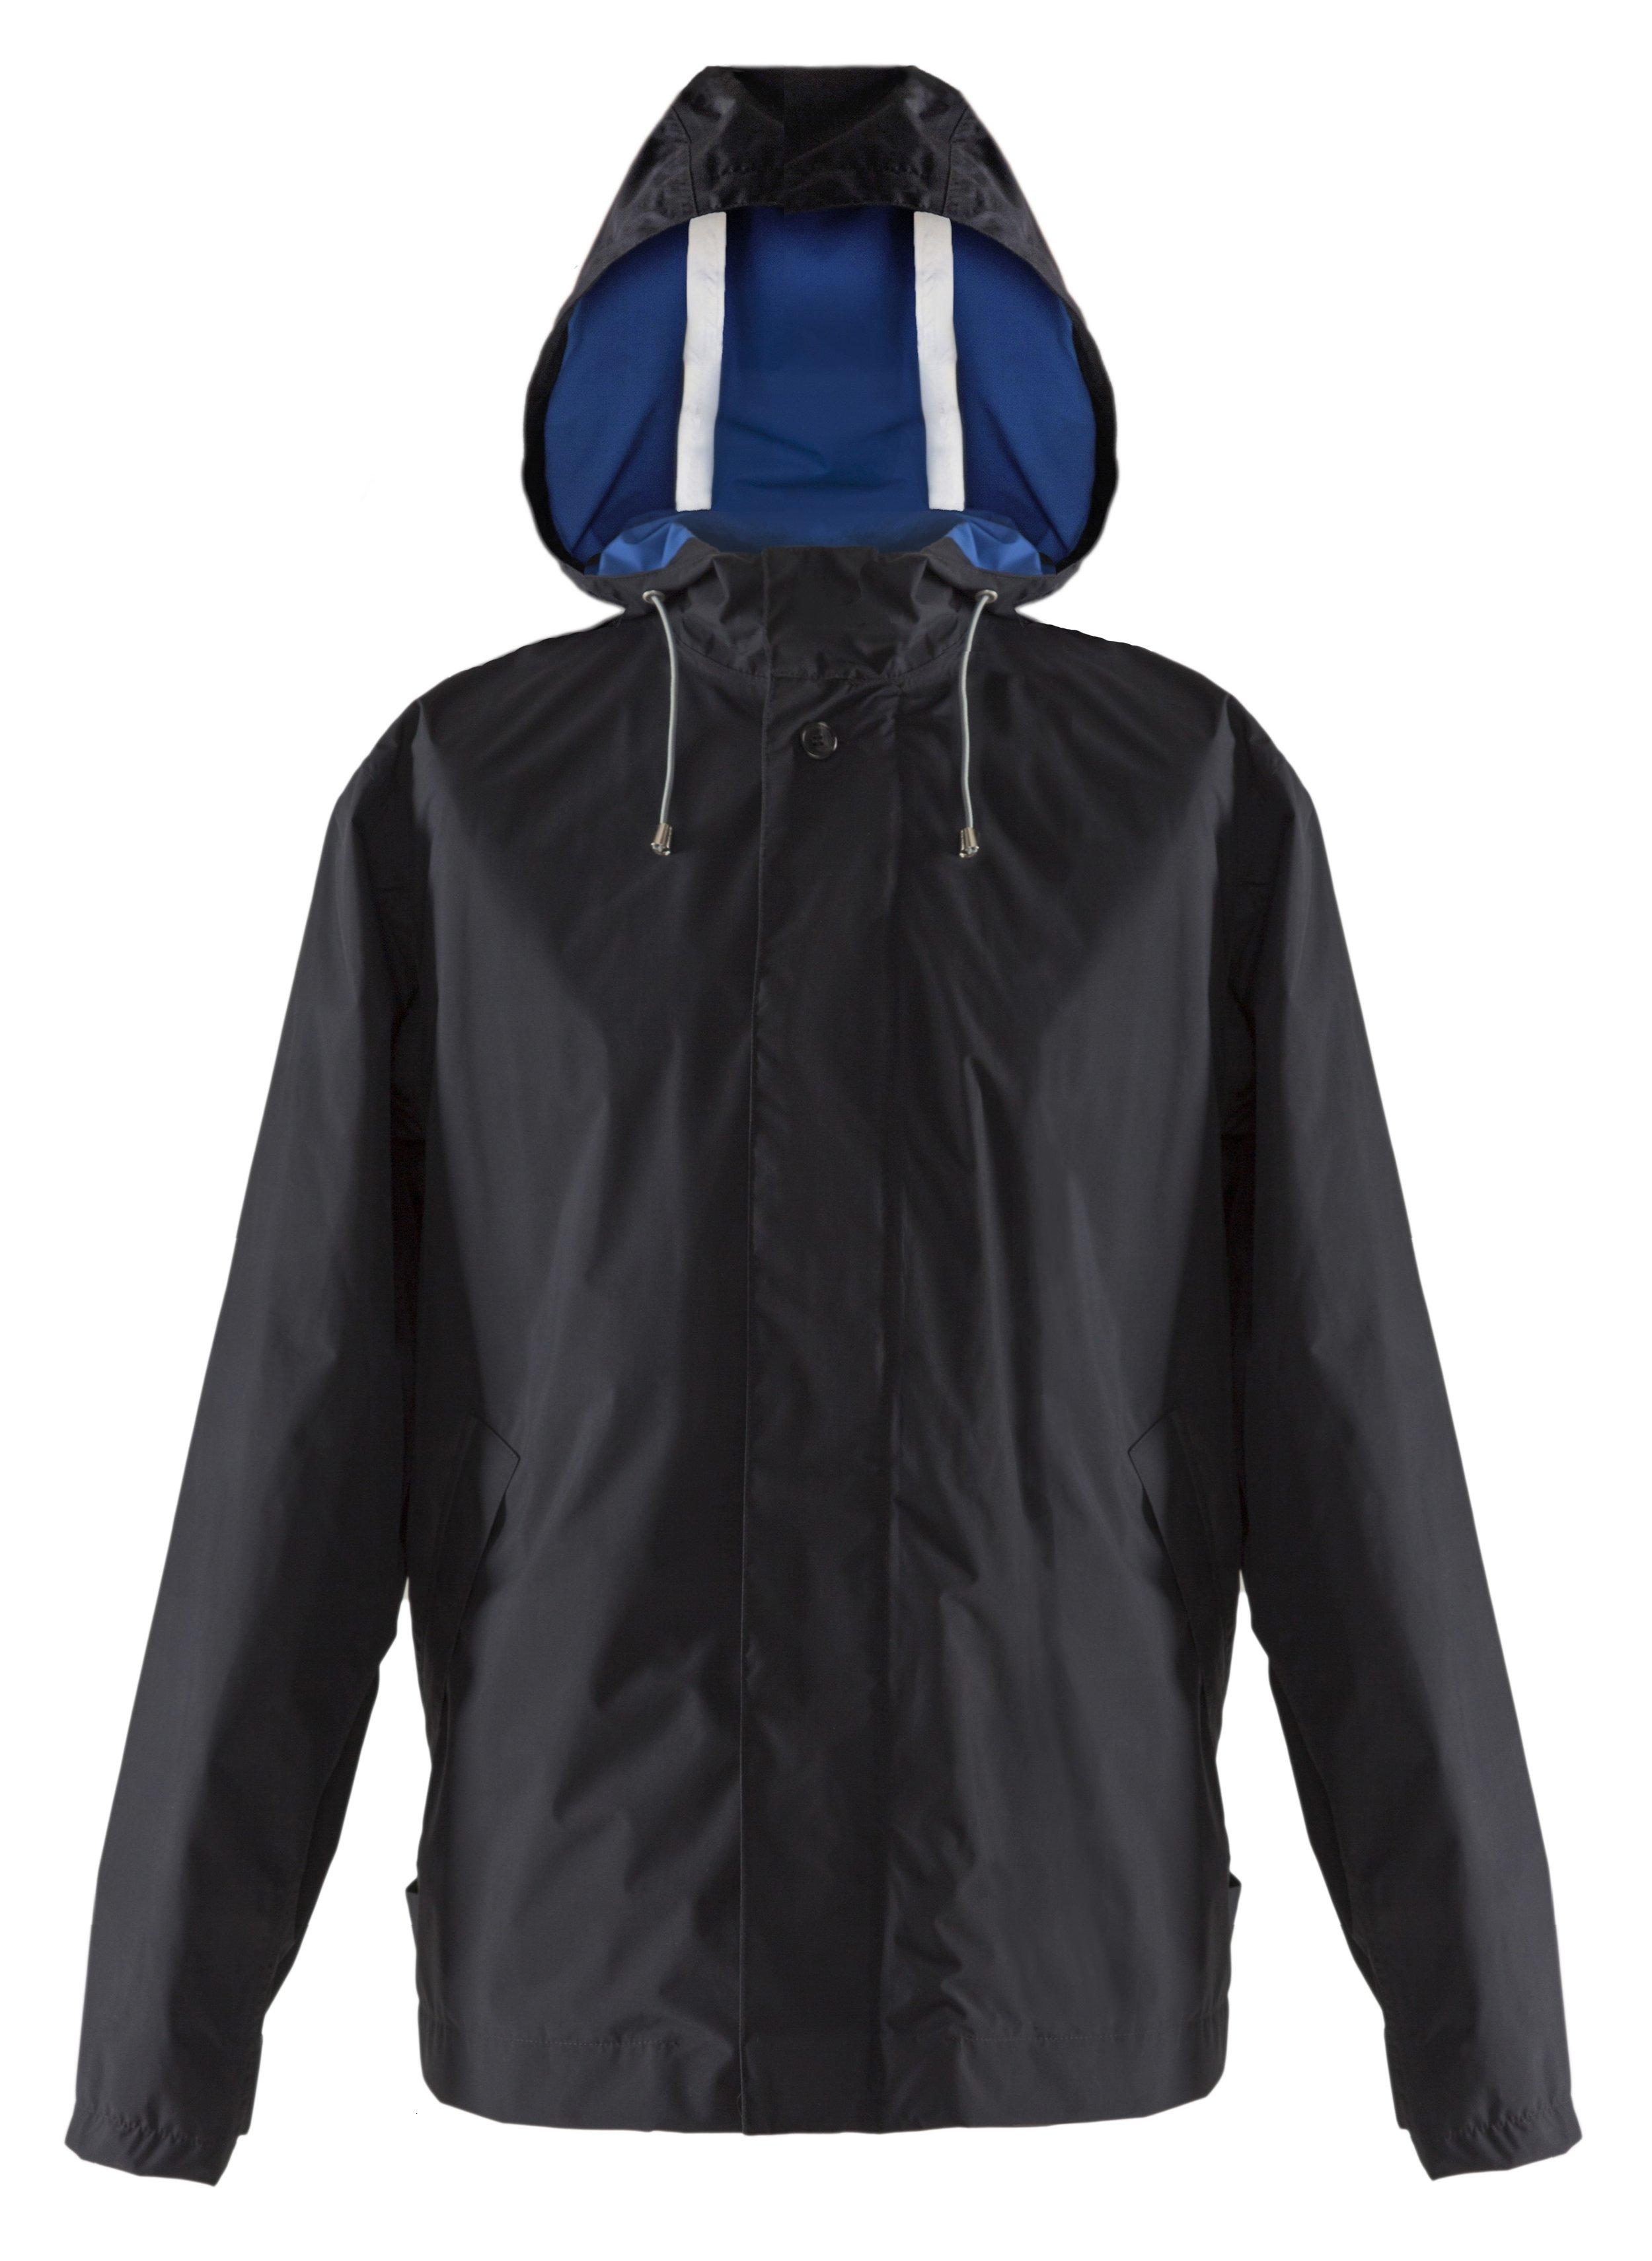 V2 - 3 Jacket Front - Hood Up.jpg